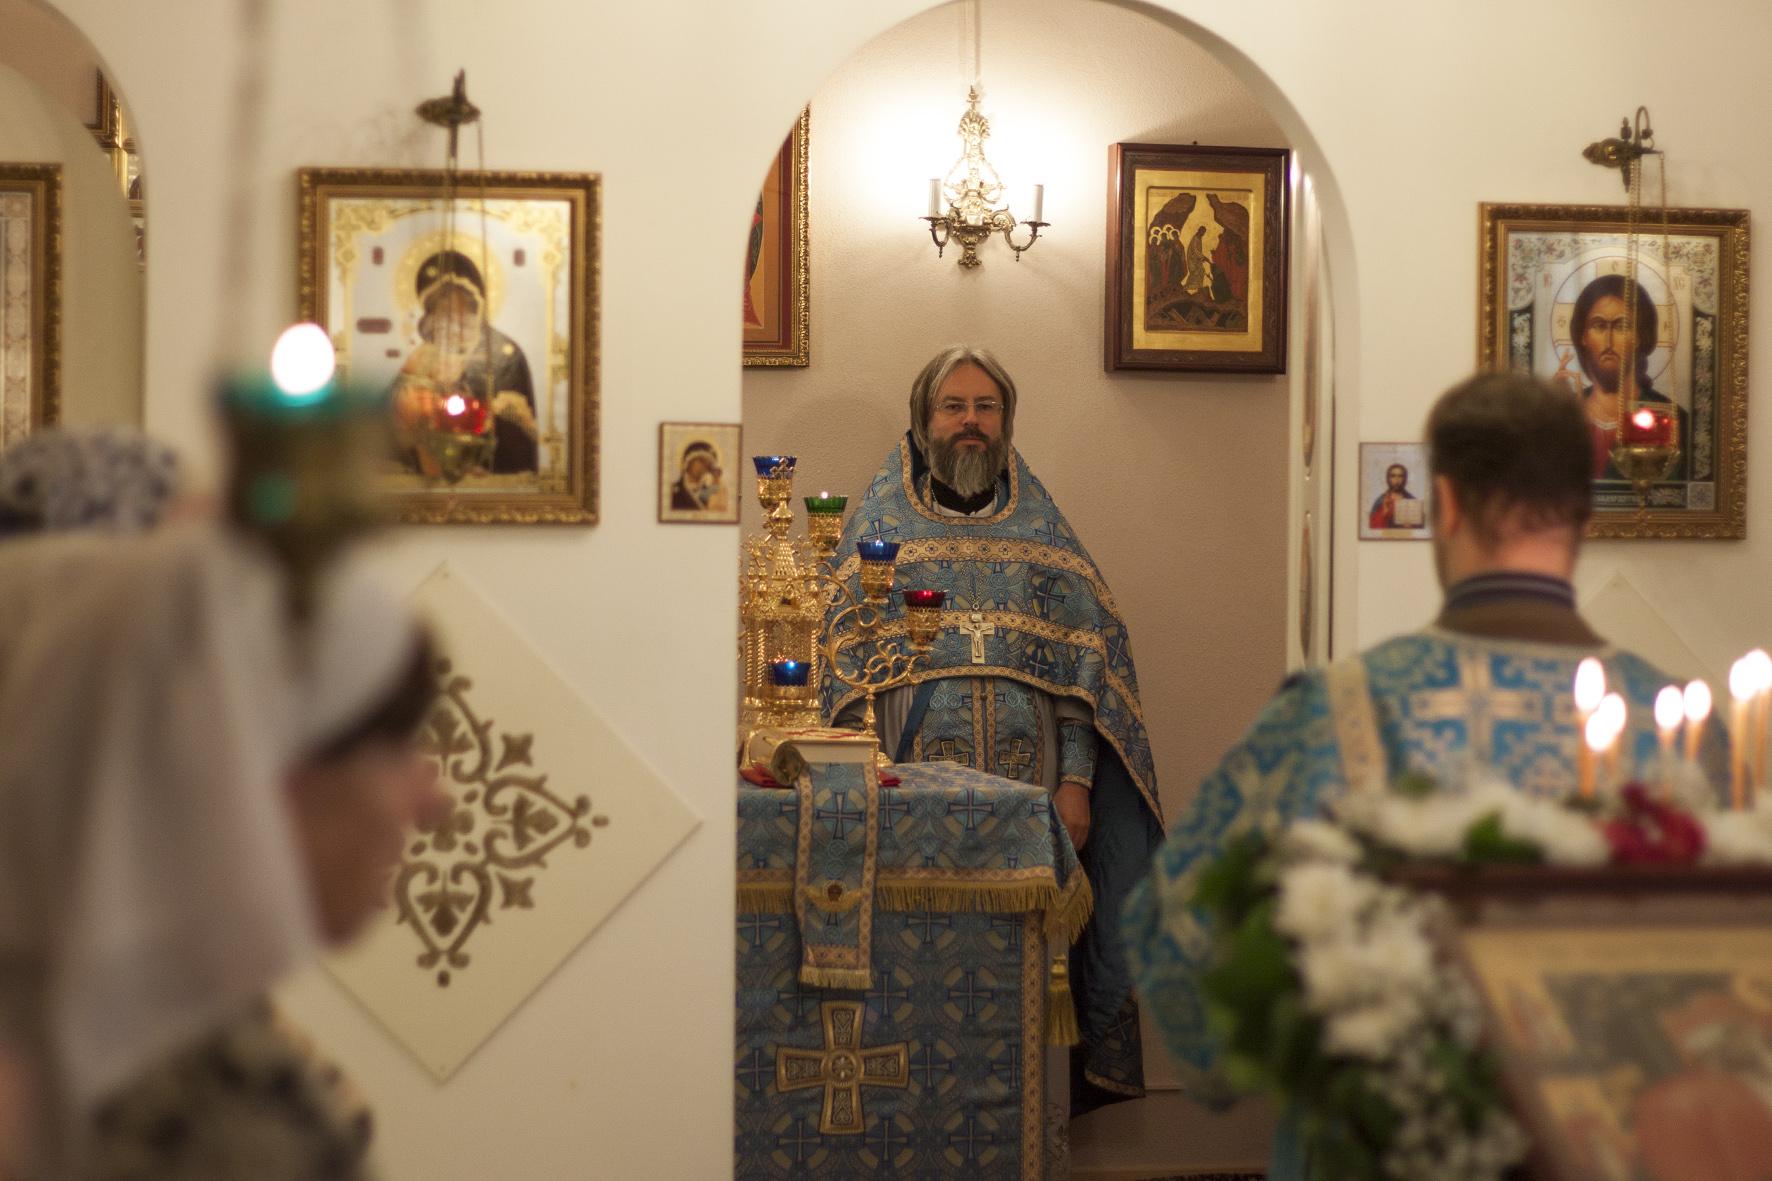 В Международный день пожилых людей в домовом храме Социального жилого дома в Марьино